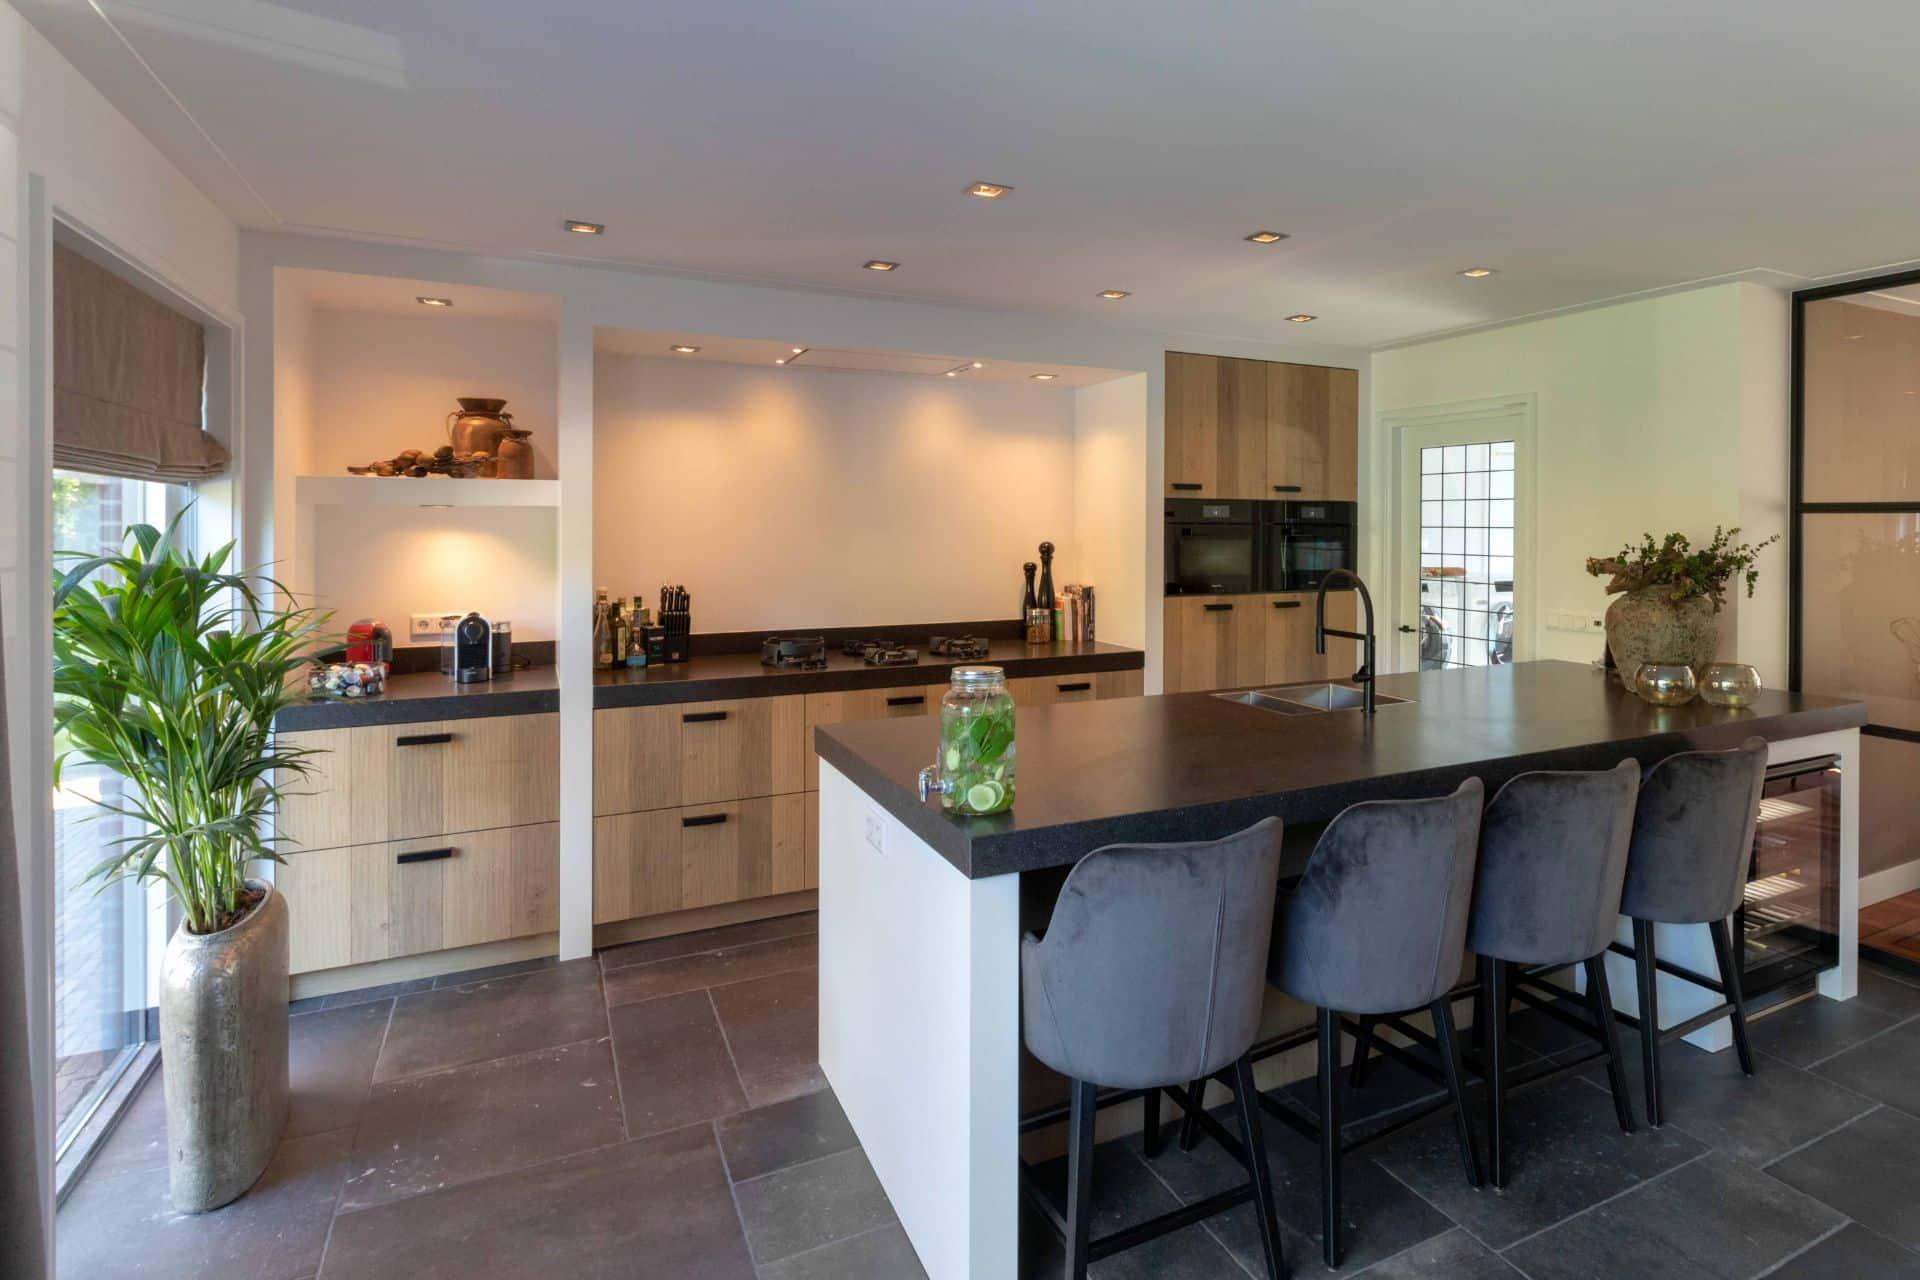 Houten keuken met Miele apparatuur | Blaricum